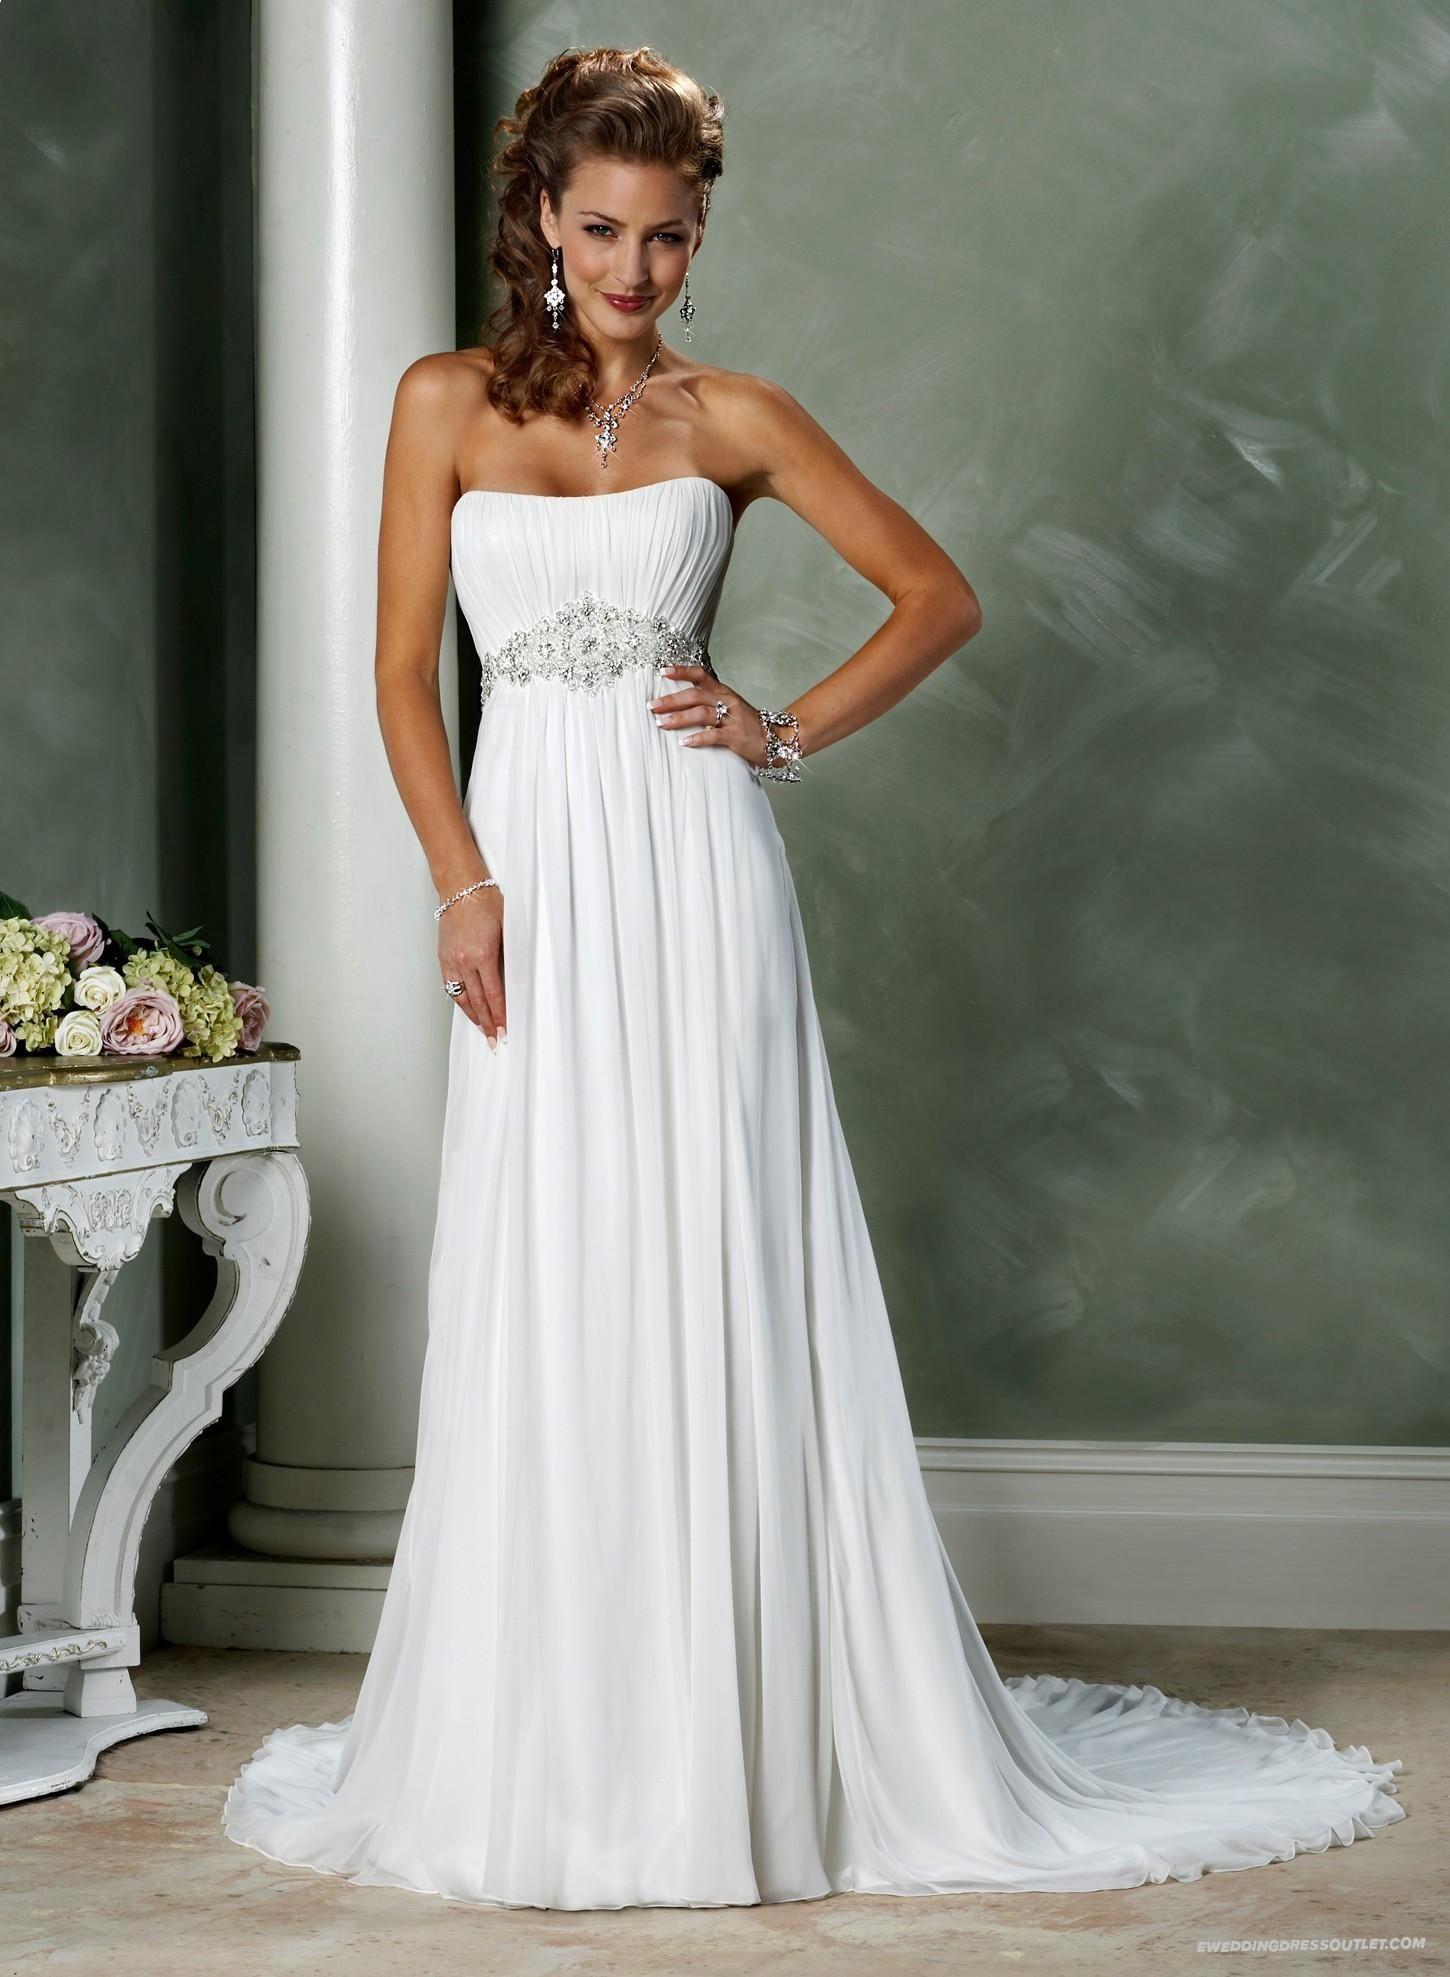 Chiffon wedding dress empire waist  Luxurious Gossamer Chiffon Strapless Scoop Neckline Slim Aline